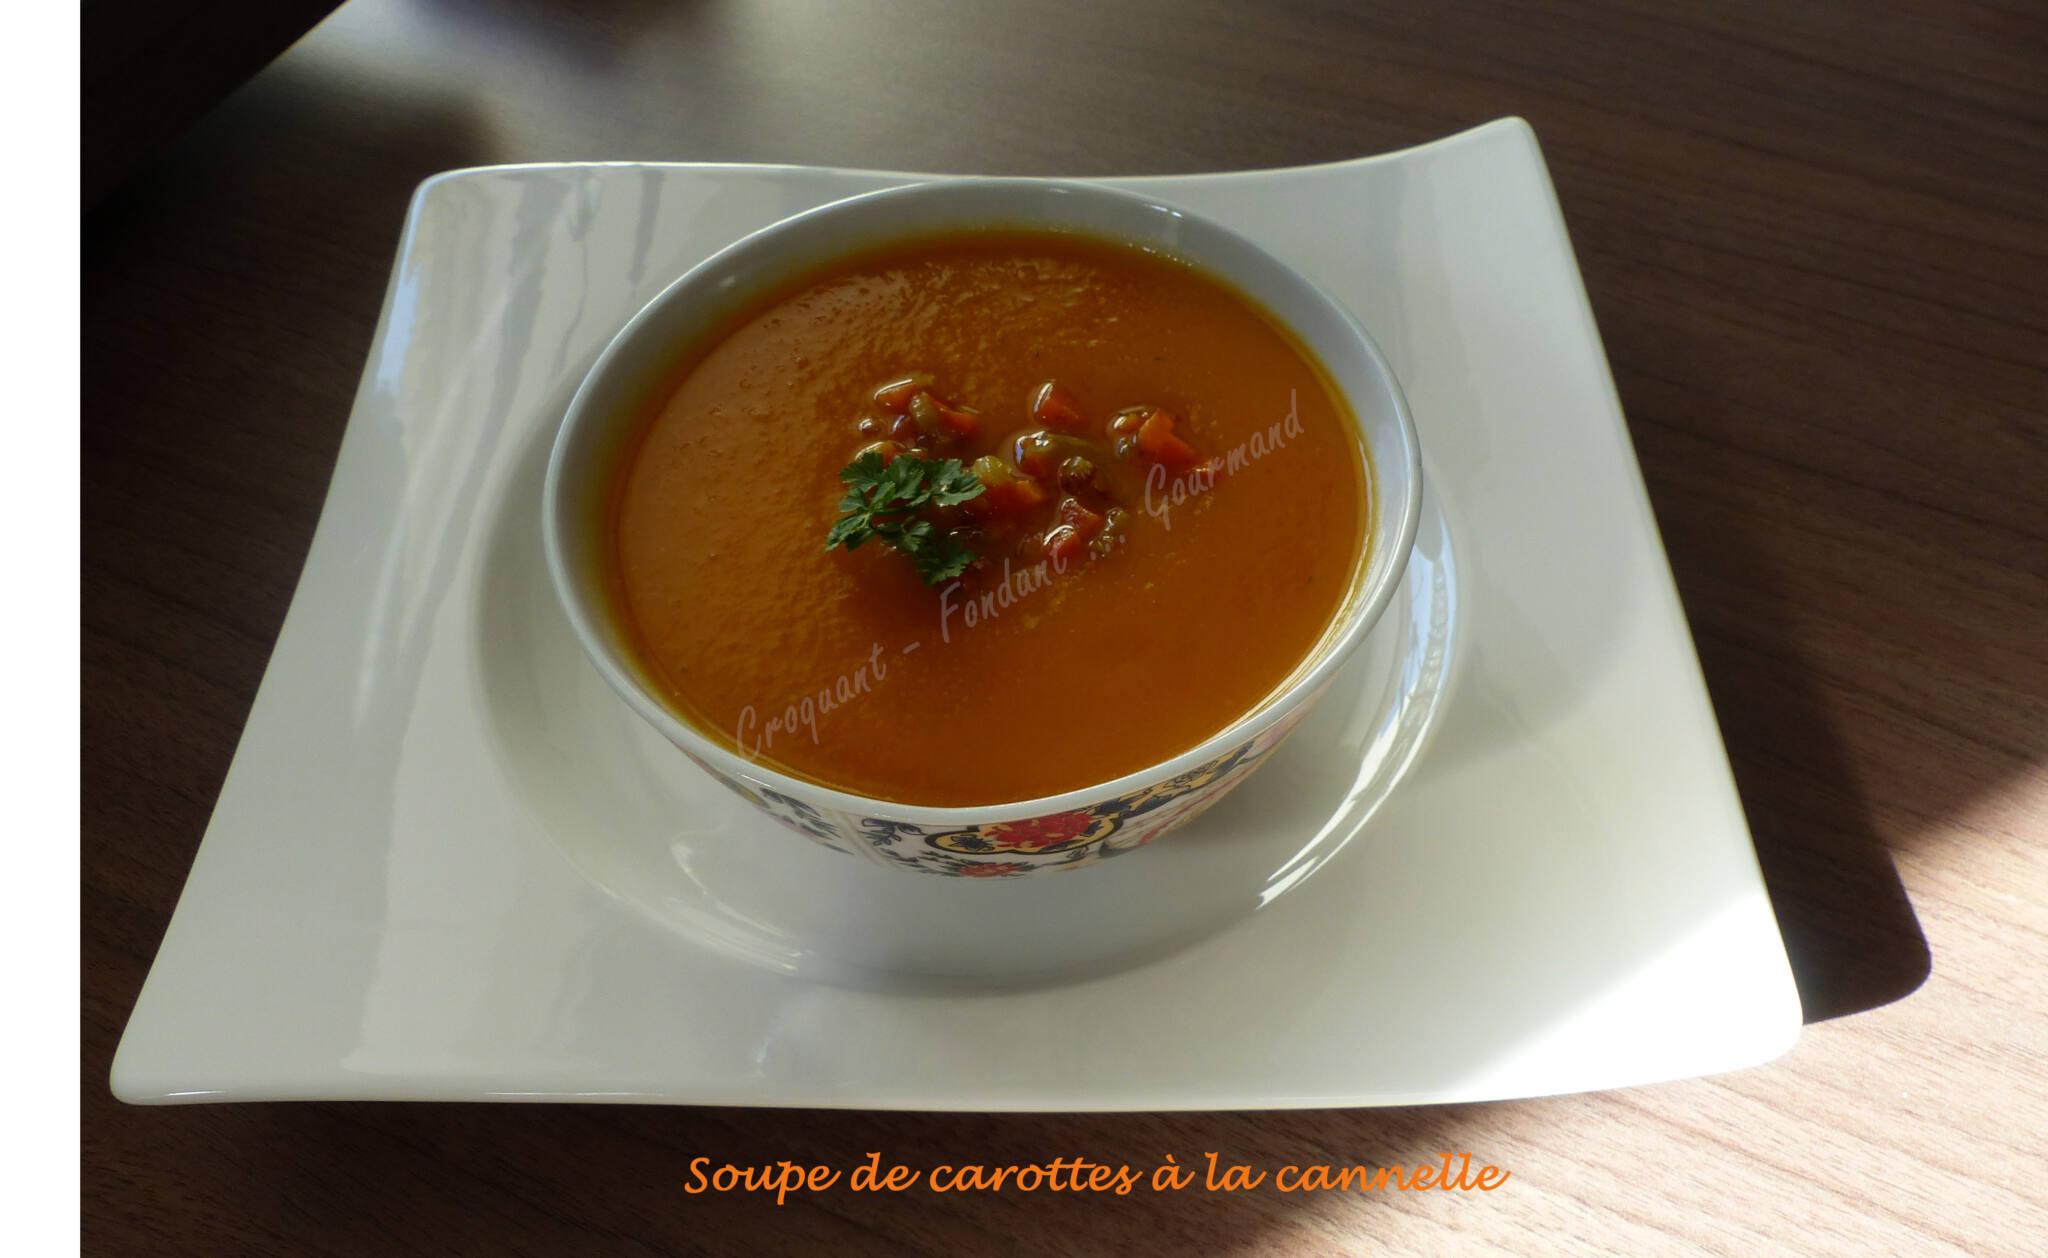 soupe de carottes la cannelle croquant fondant gourmand. Black Bedroom Furniture Sets. Home Design Ideas